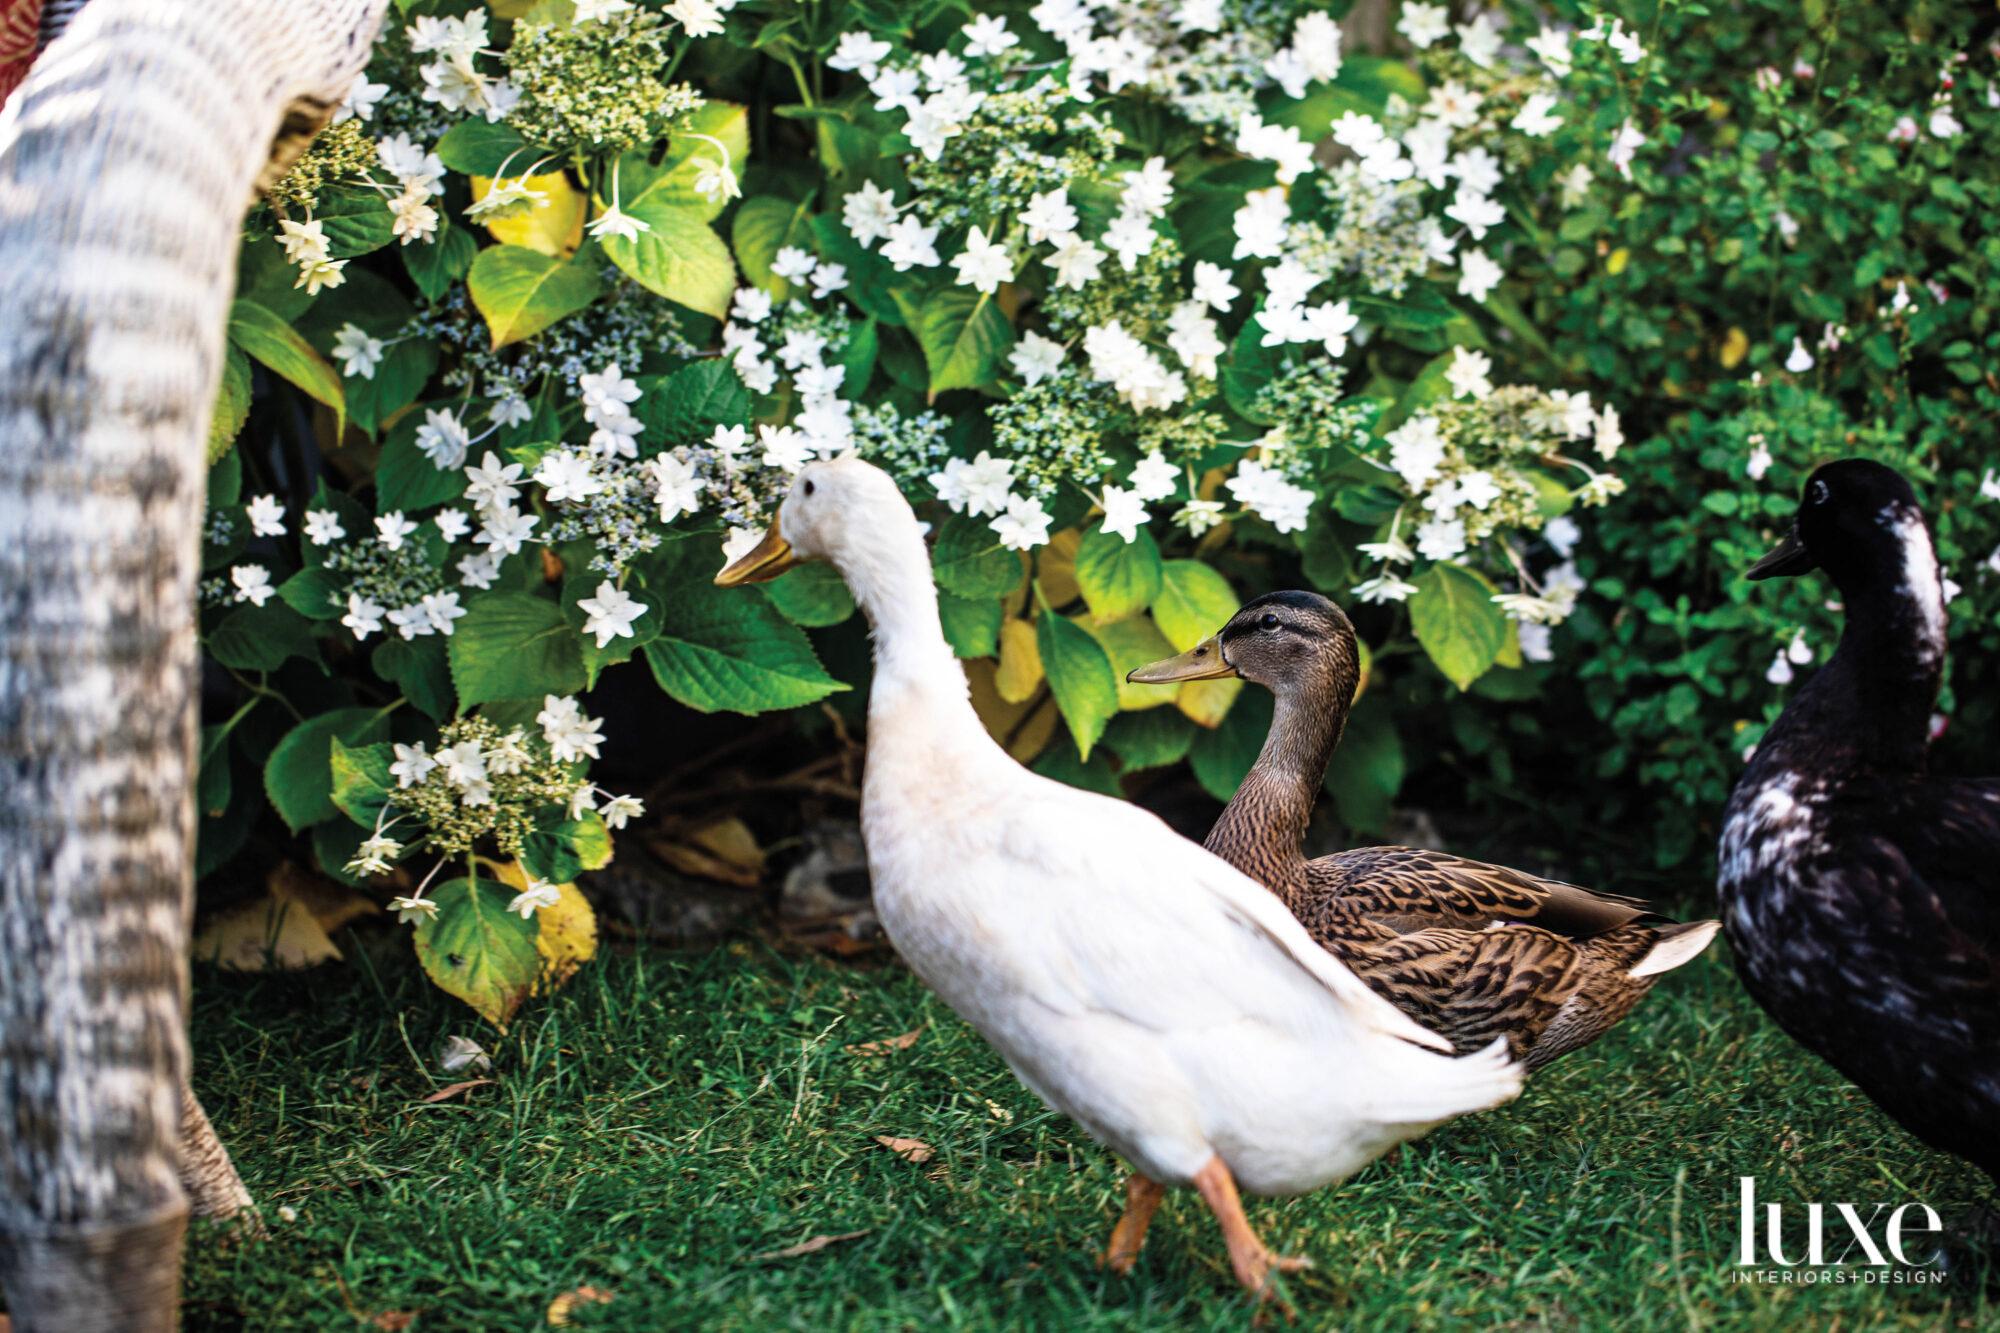 Three ducks by a shrub